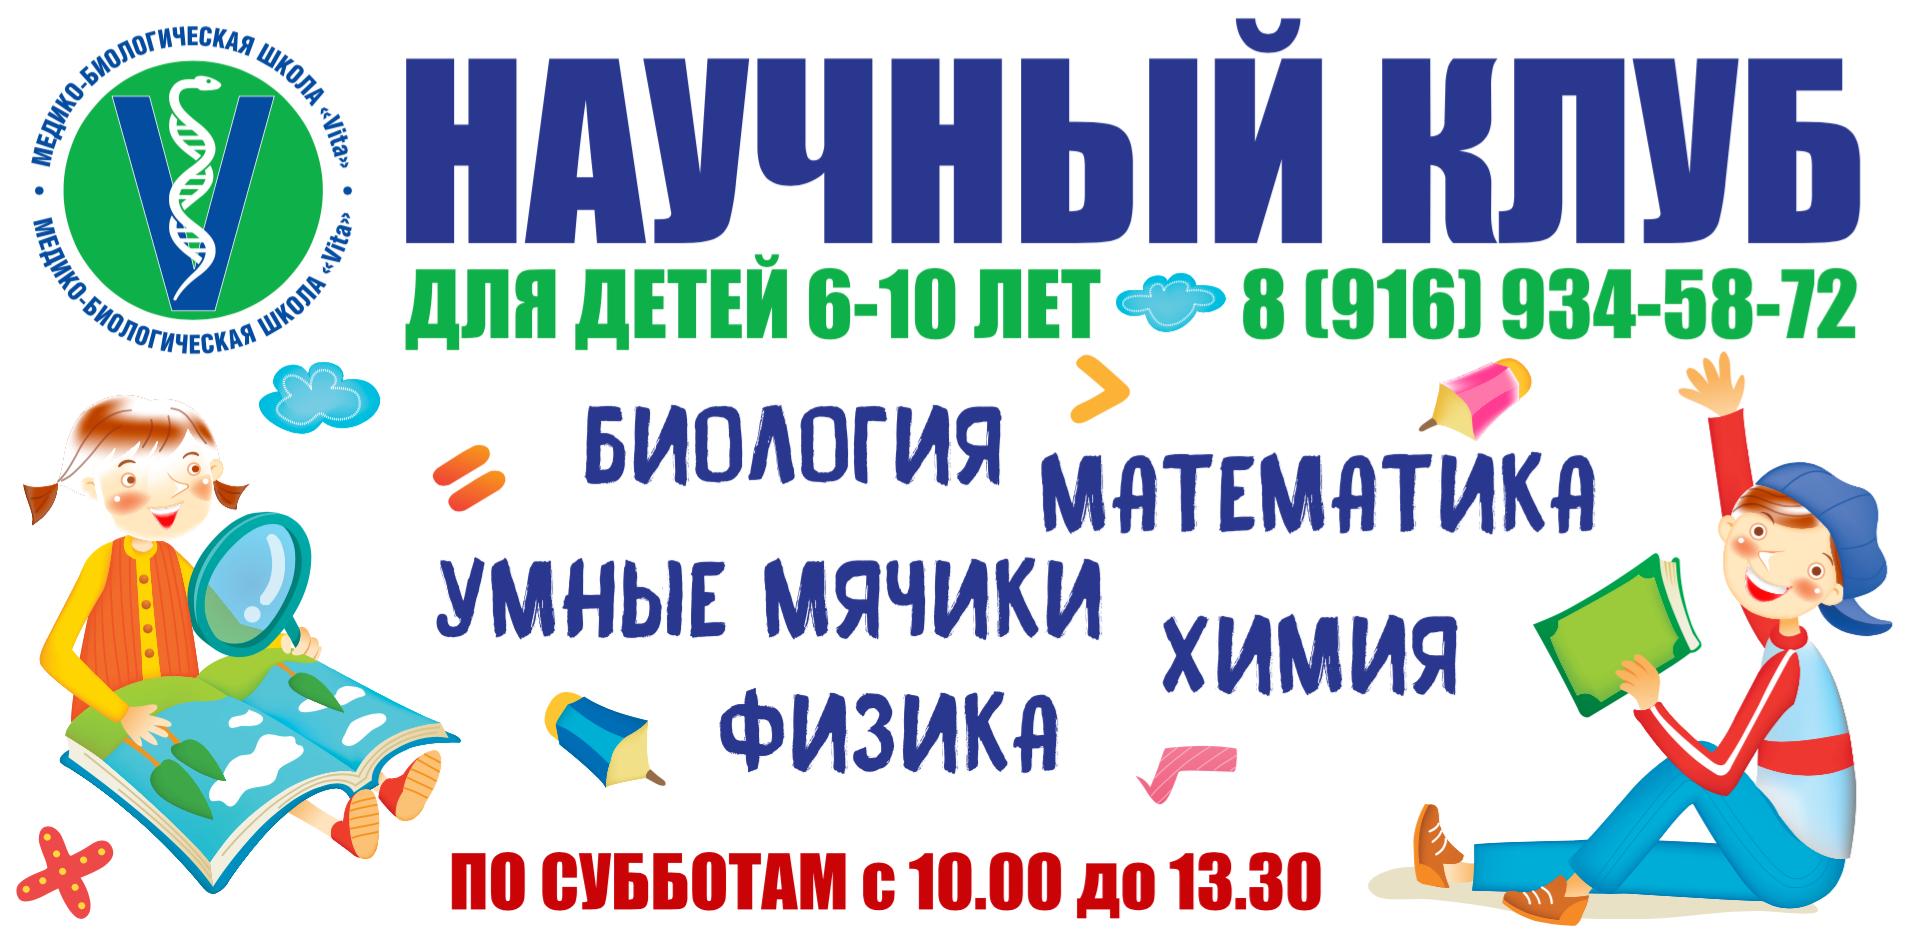 detskie-sochinenie-o-shkole-na-angliyskom-yazike-9-klass